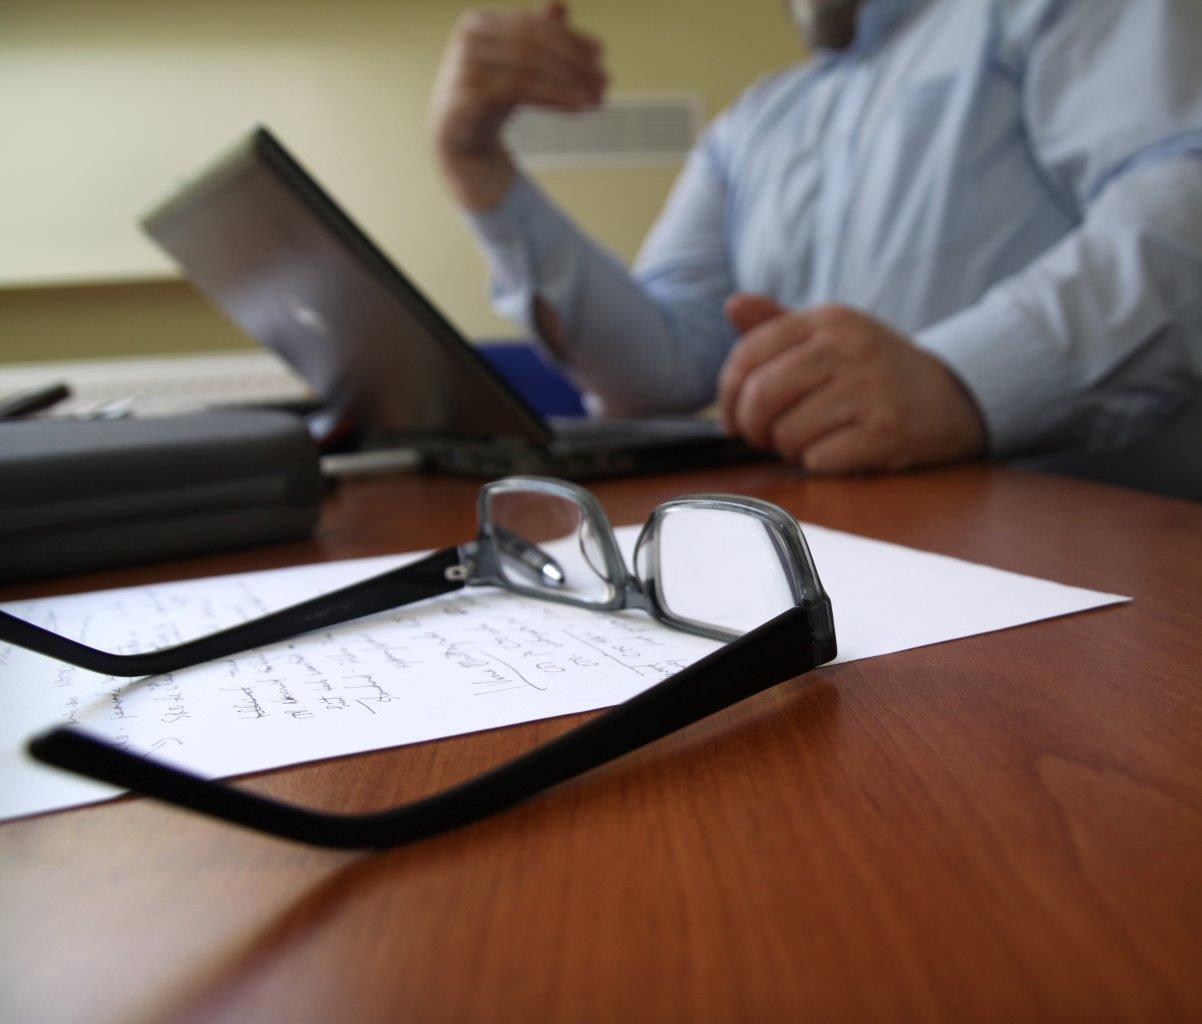 Kohtumine Tööinspektsioonis ja edasine koostöö